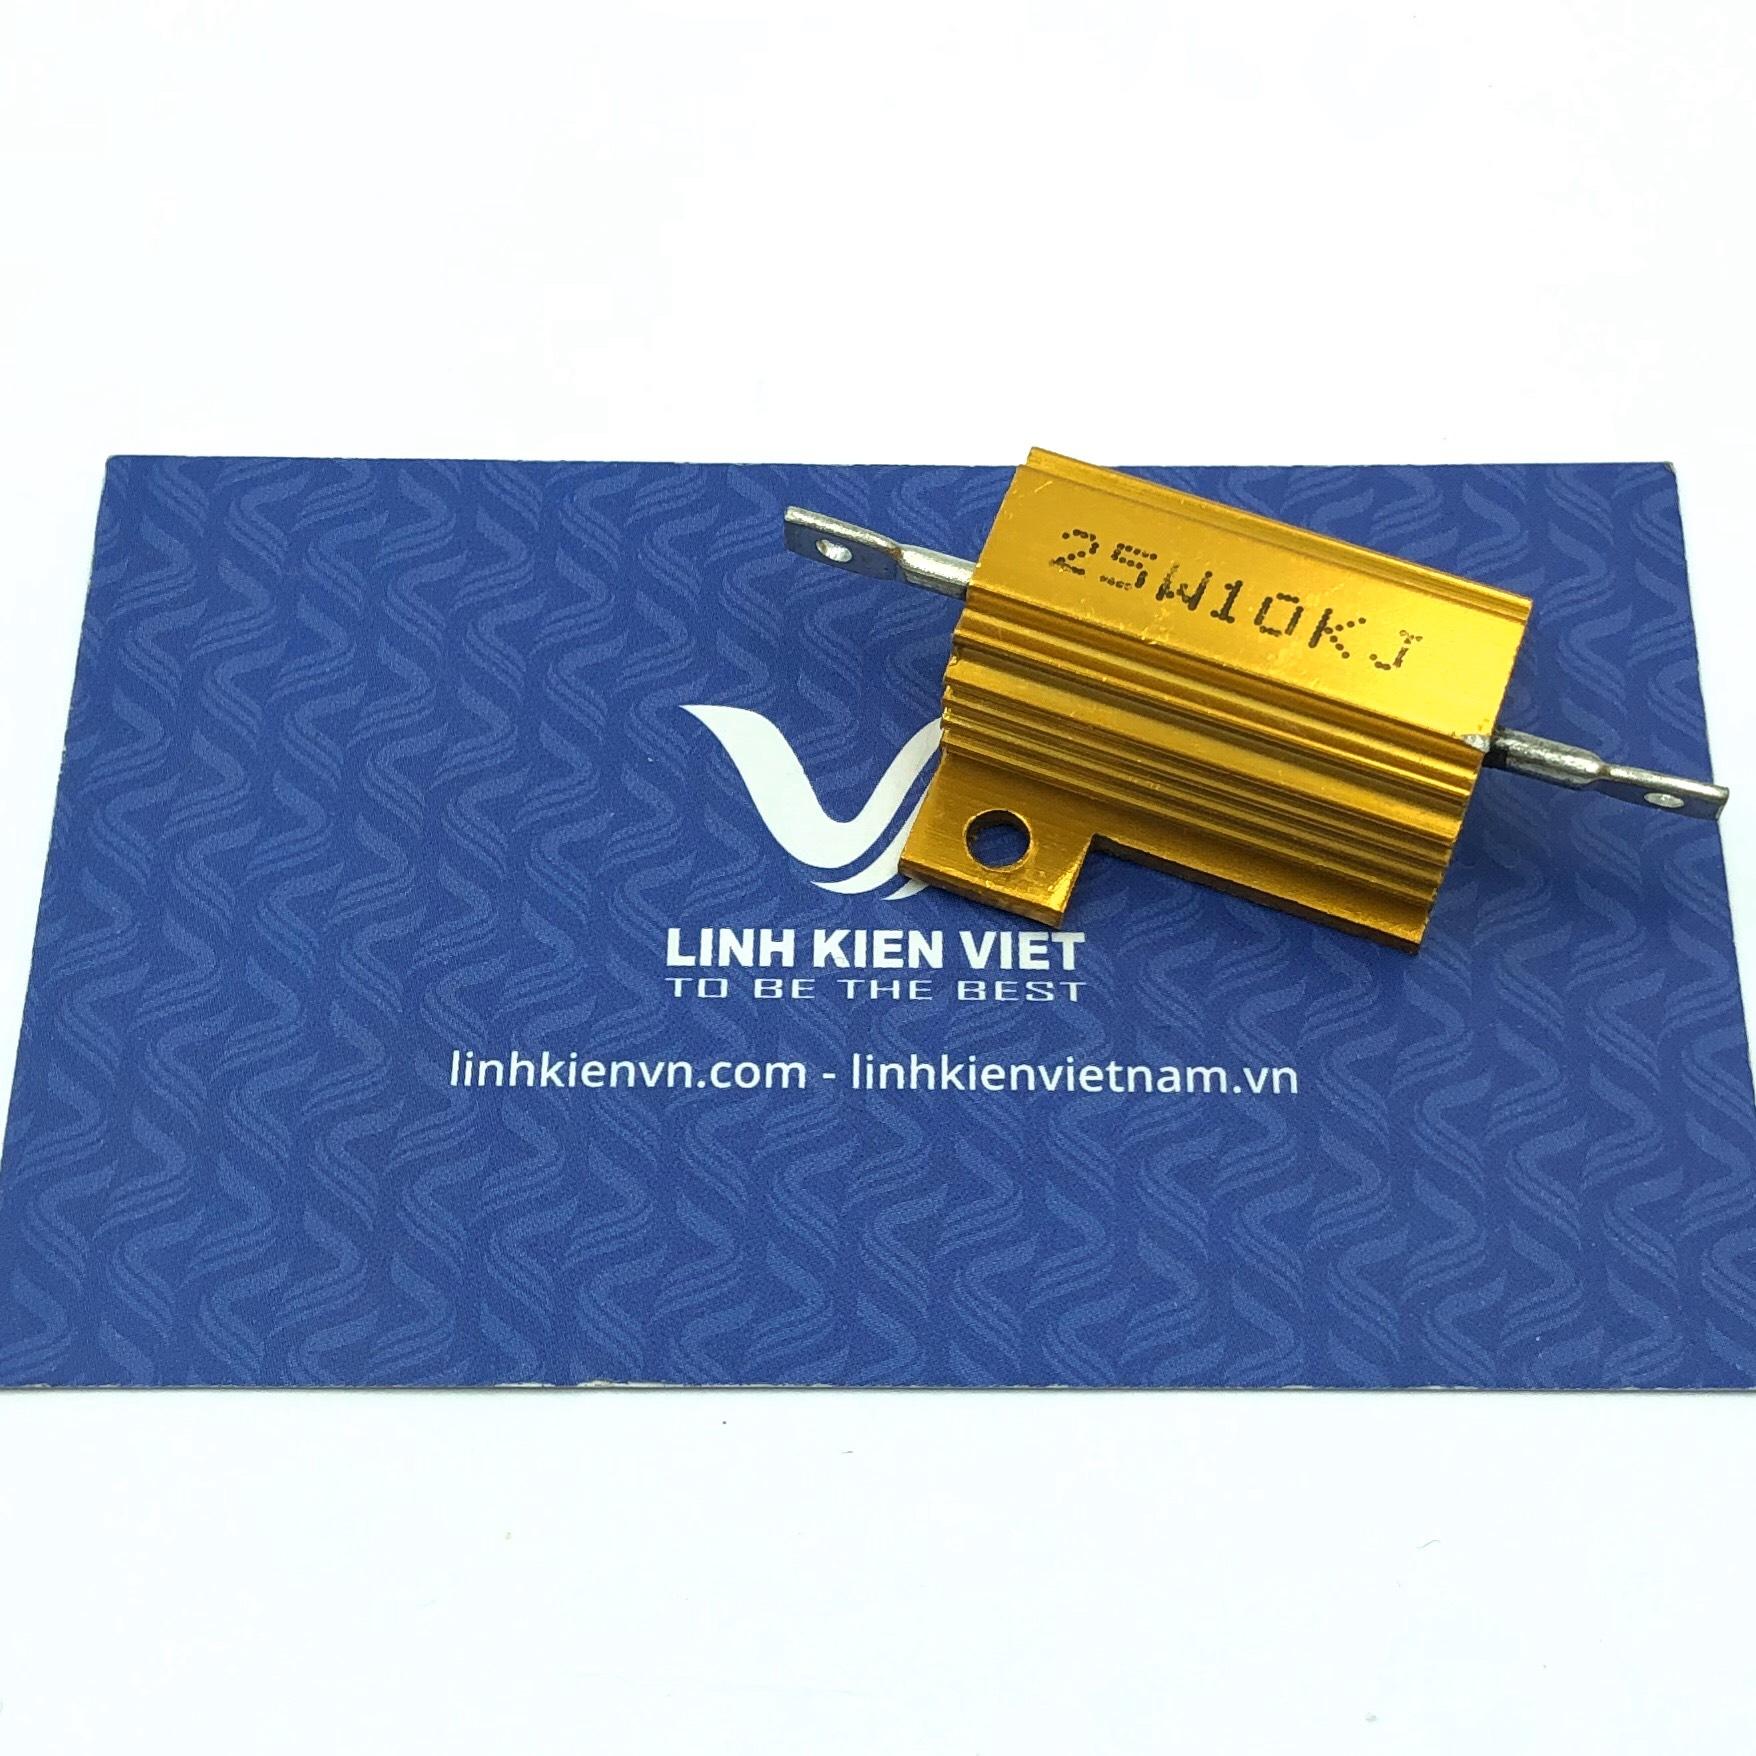 Điện trở nhôm RX24 10K 25W - A5H21